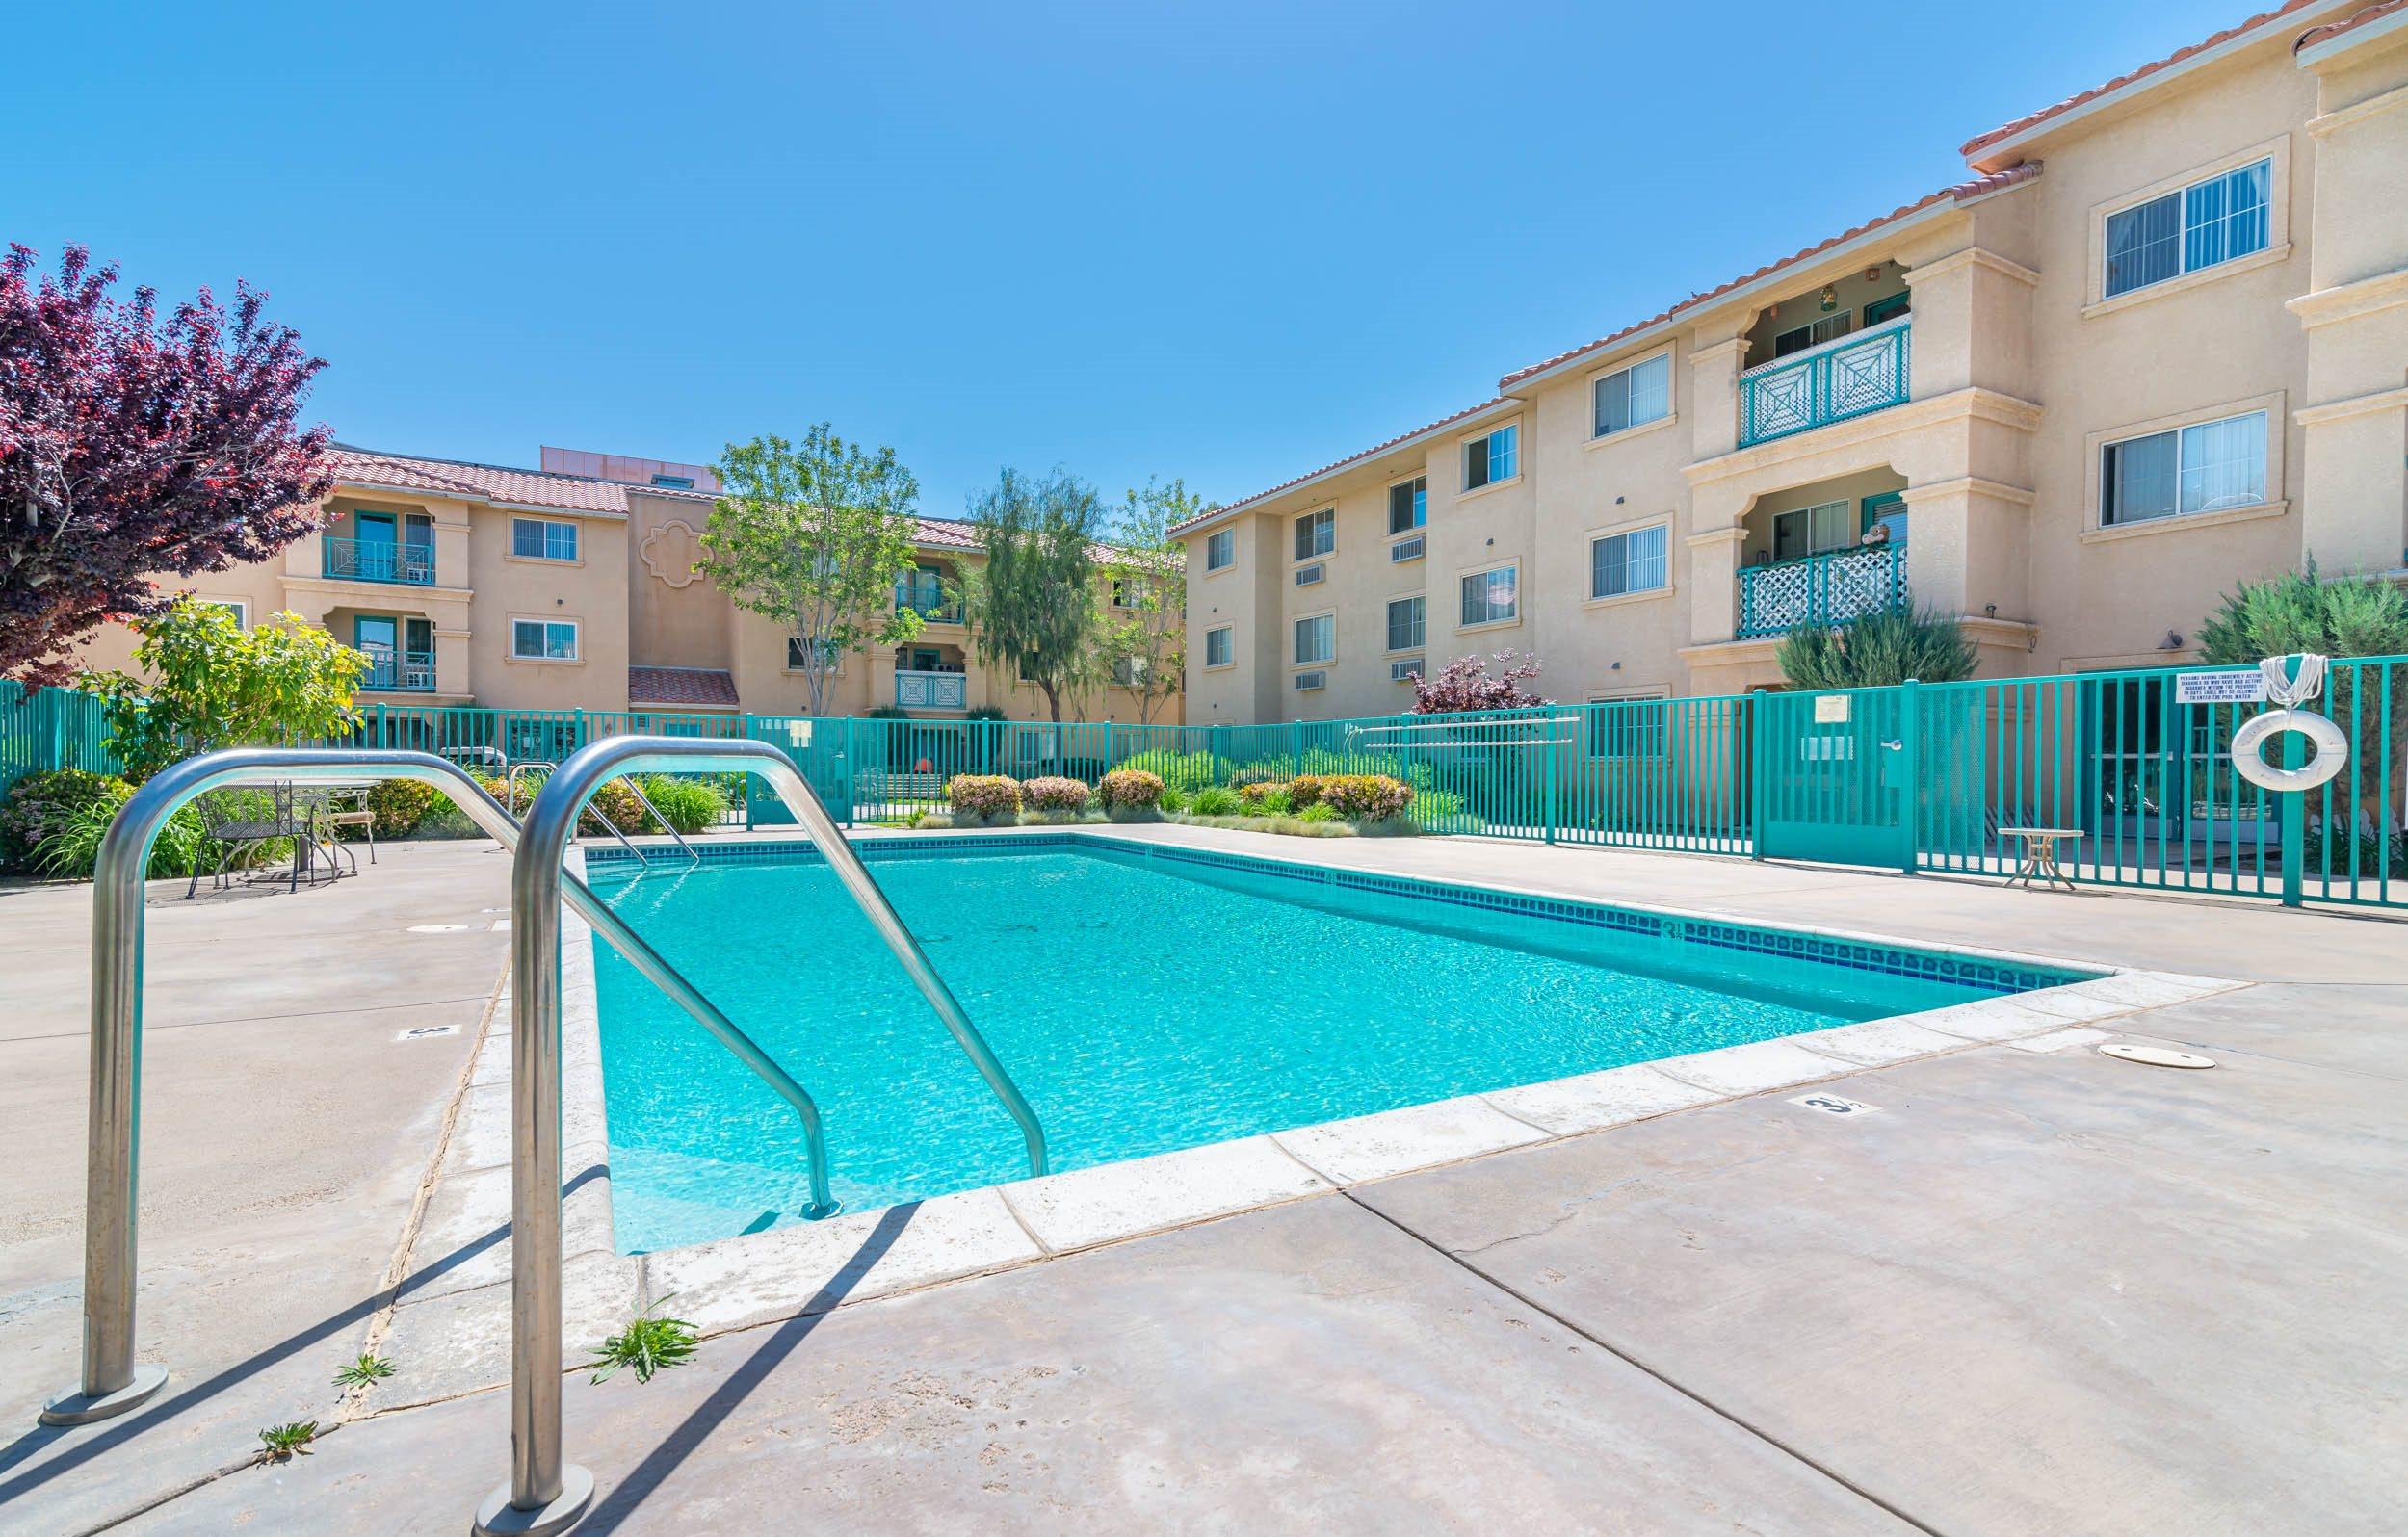 apartments in lancaster ca